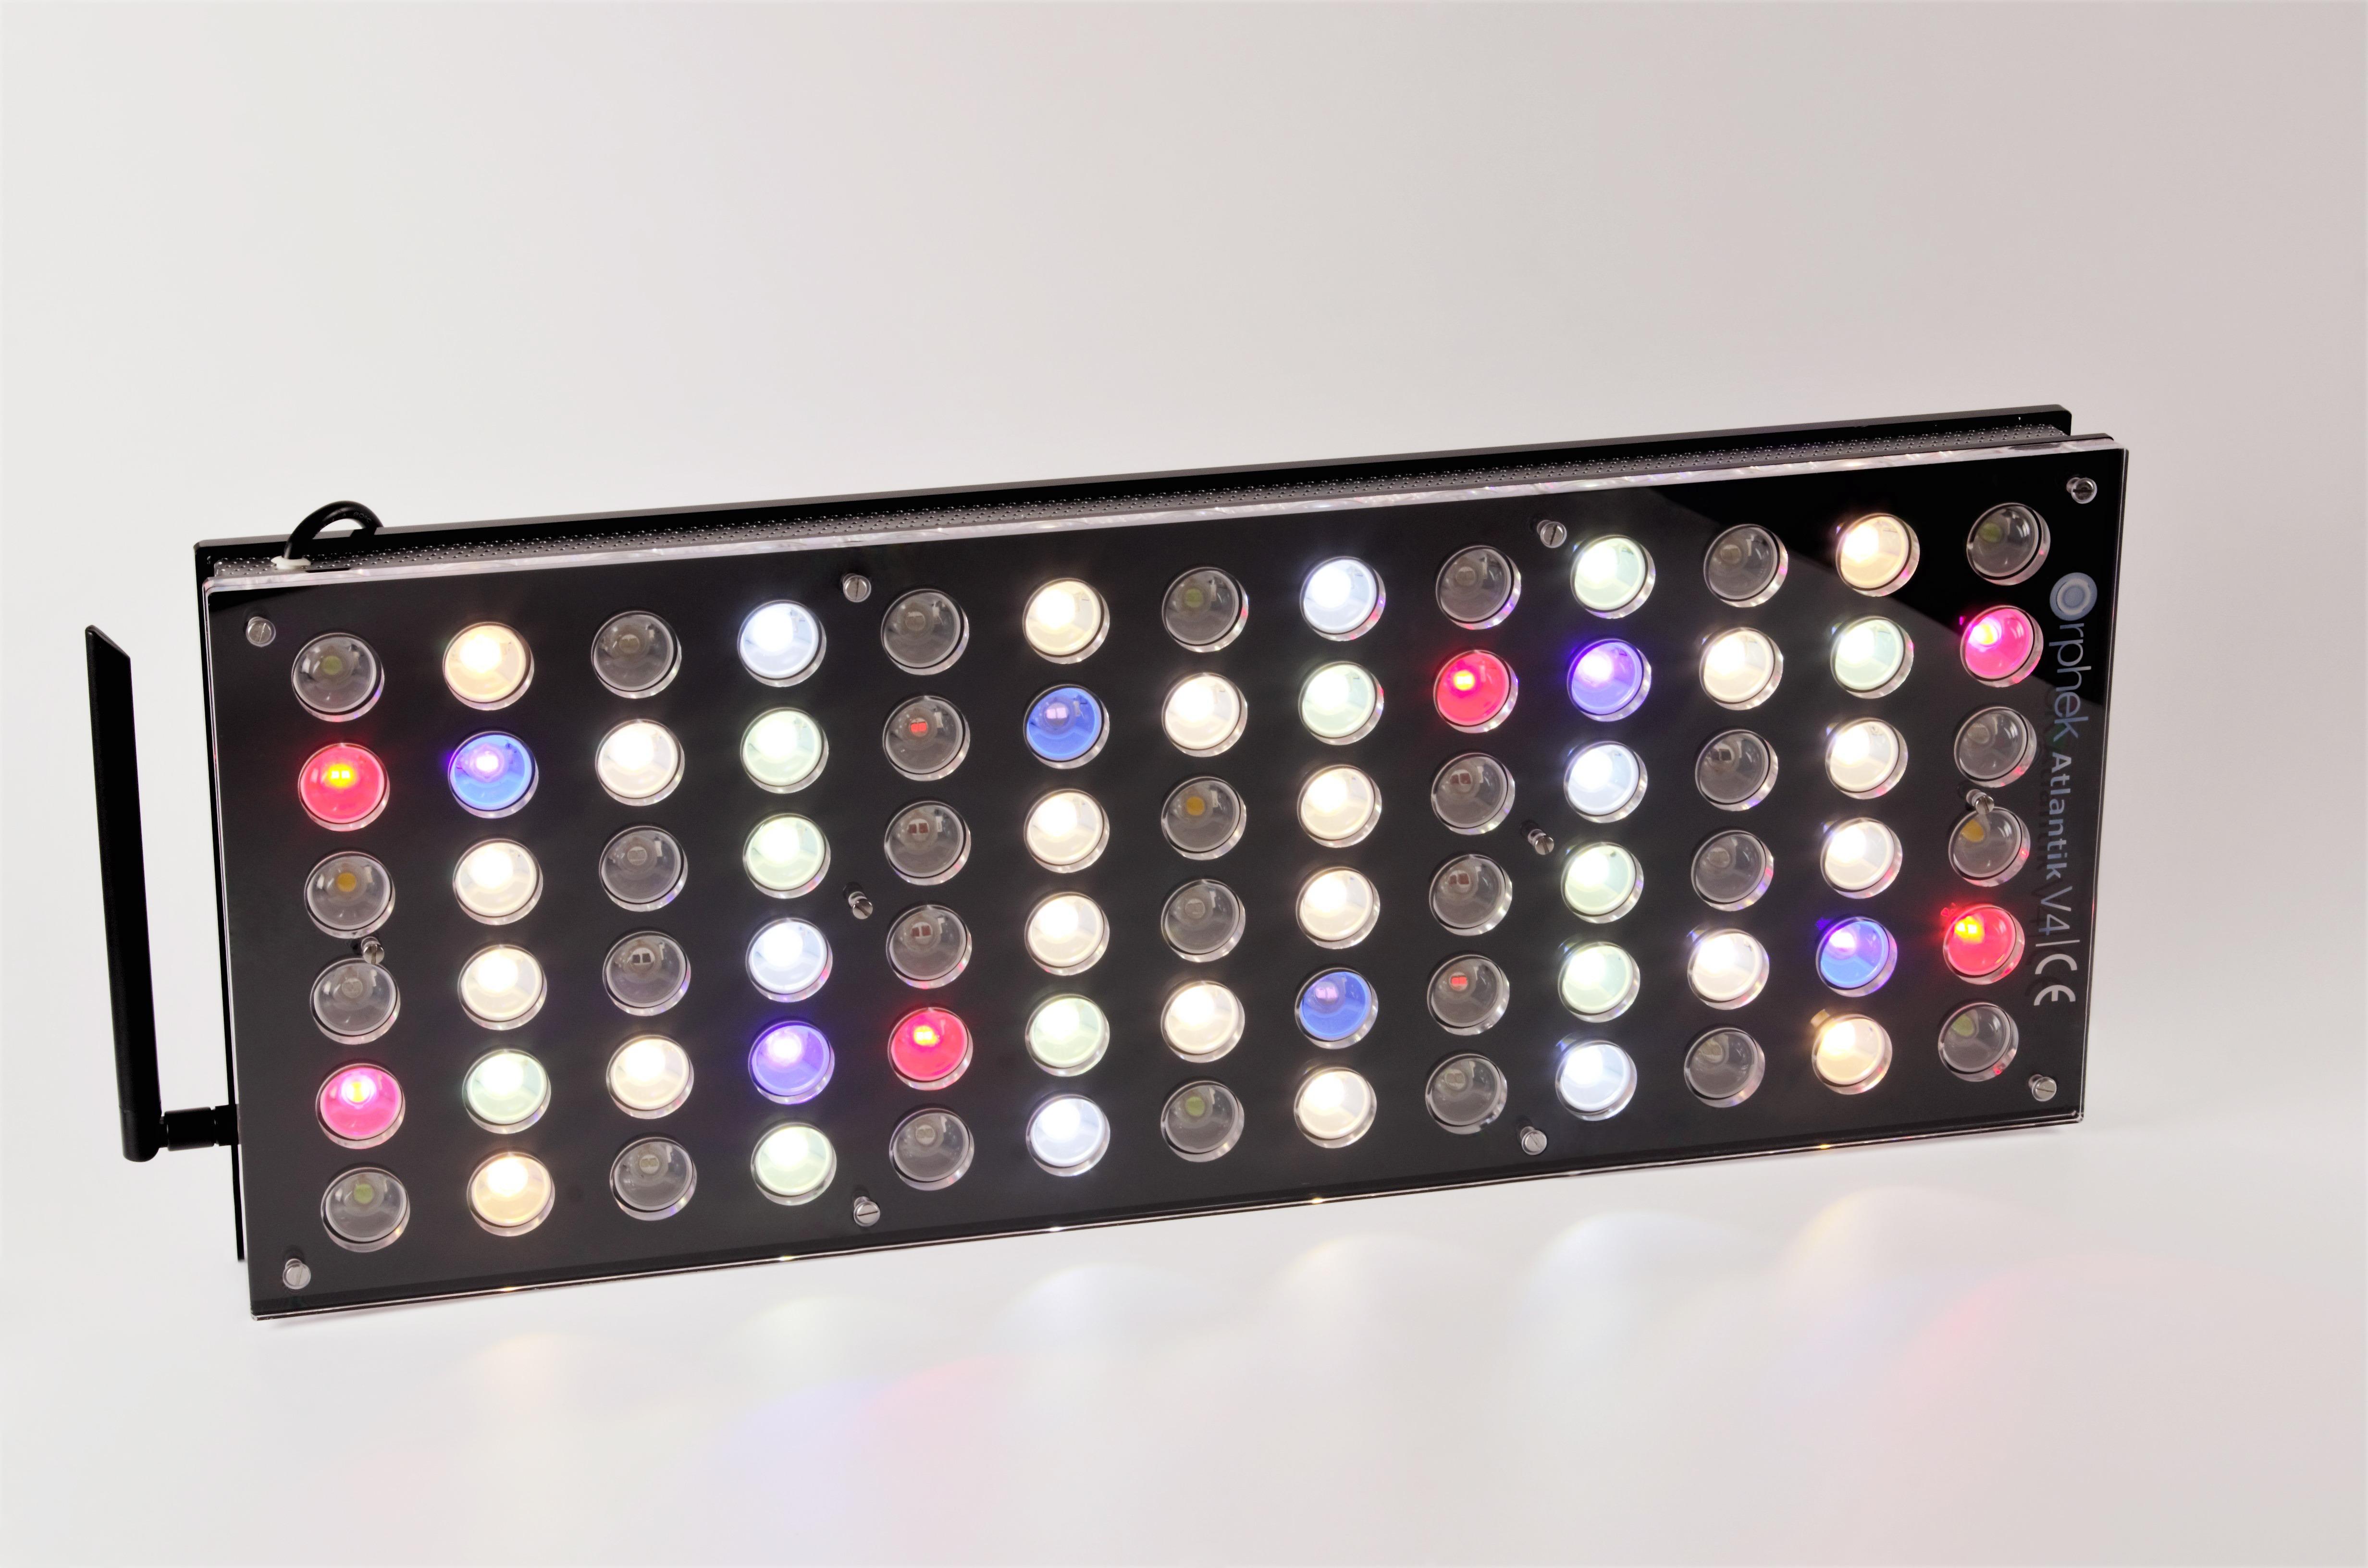 জলজ উদ্ভিদ আকস্মিক আকাশগঙ্গা LED আলো